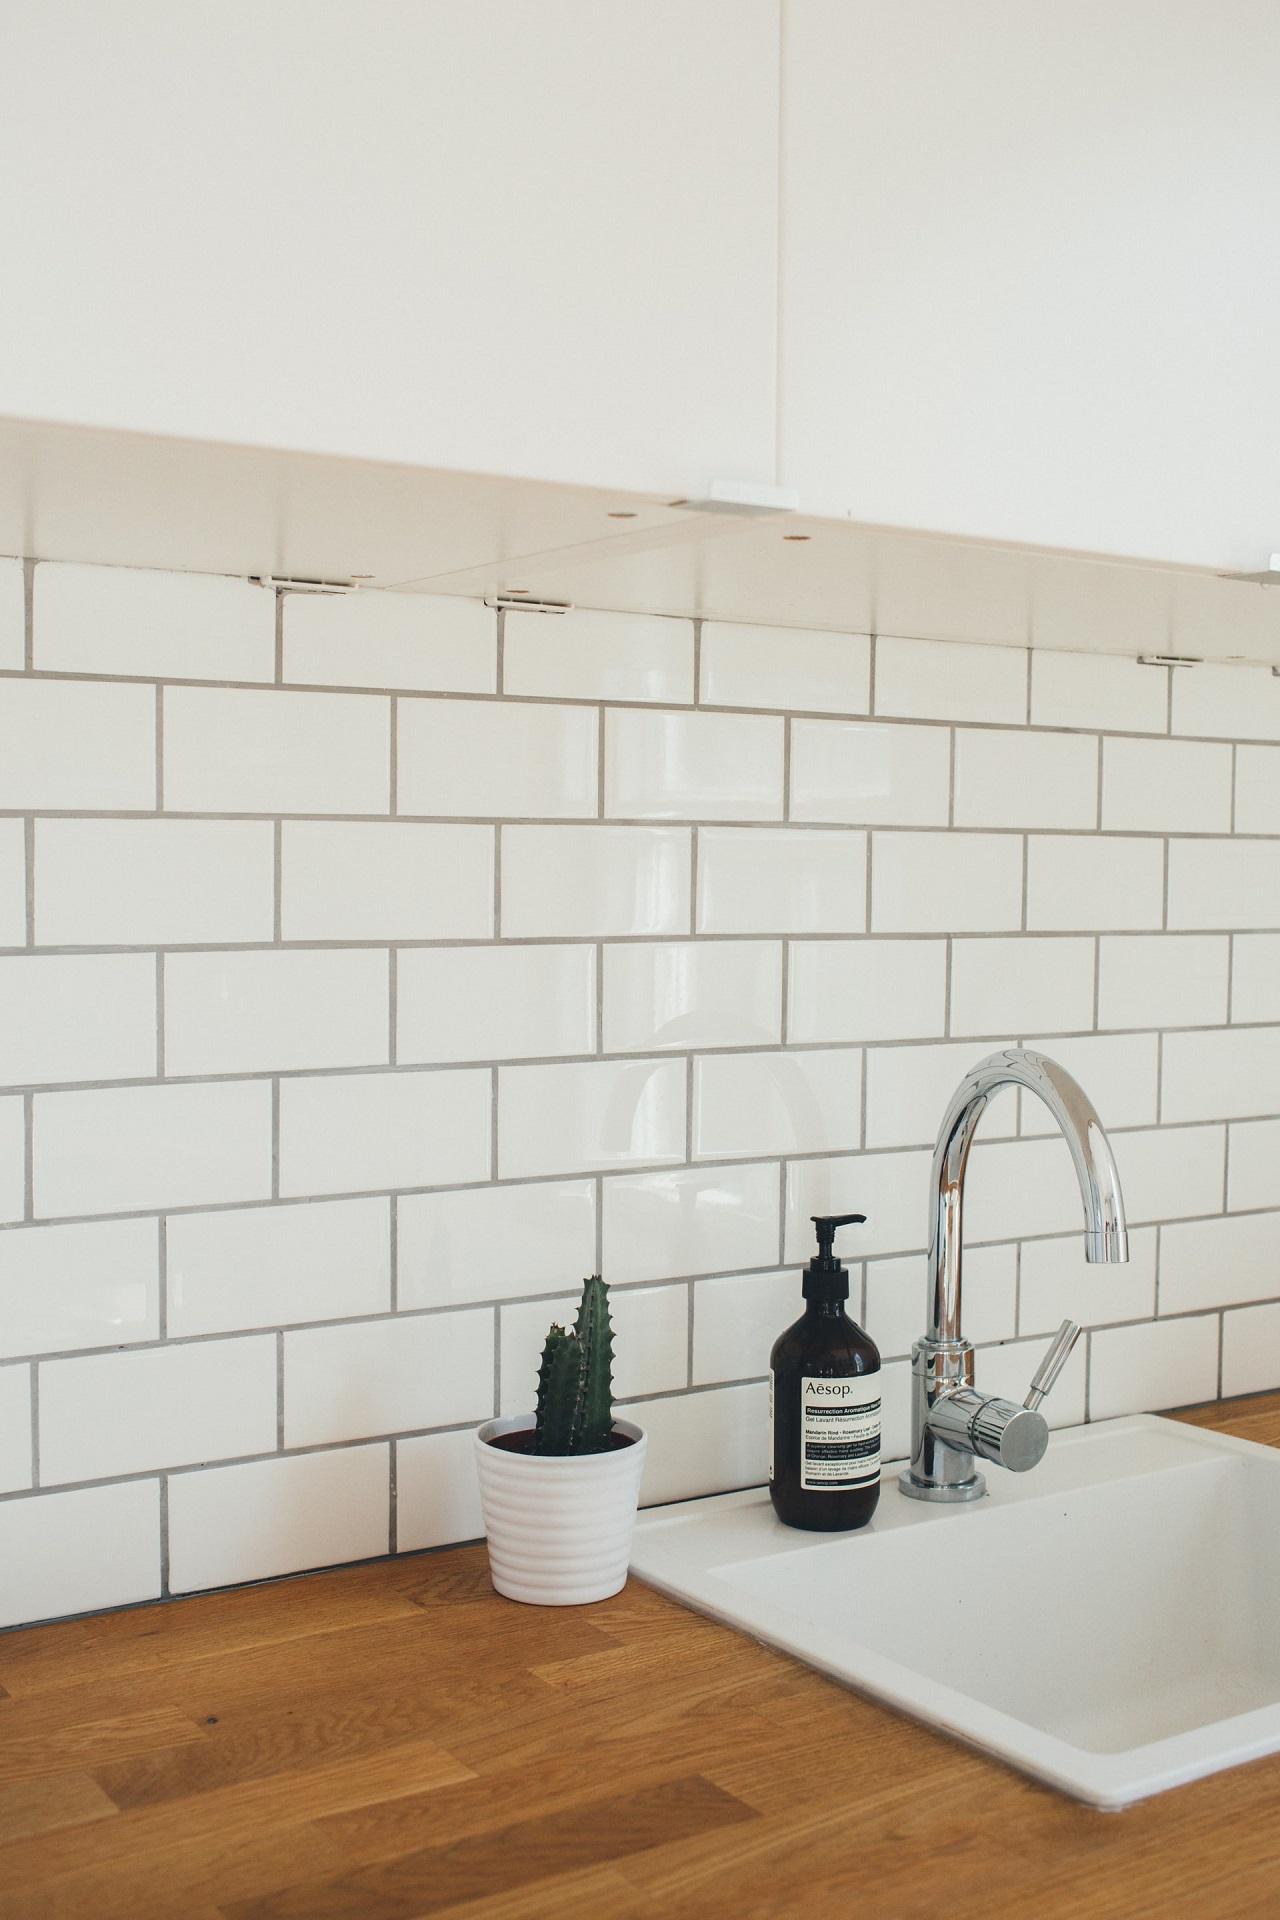 Küchenarmaturen gibt es heute in unzähligen Ausführungen. Da ist sicher auch das richtige Modell für deine Küche dabei.